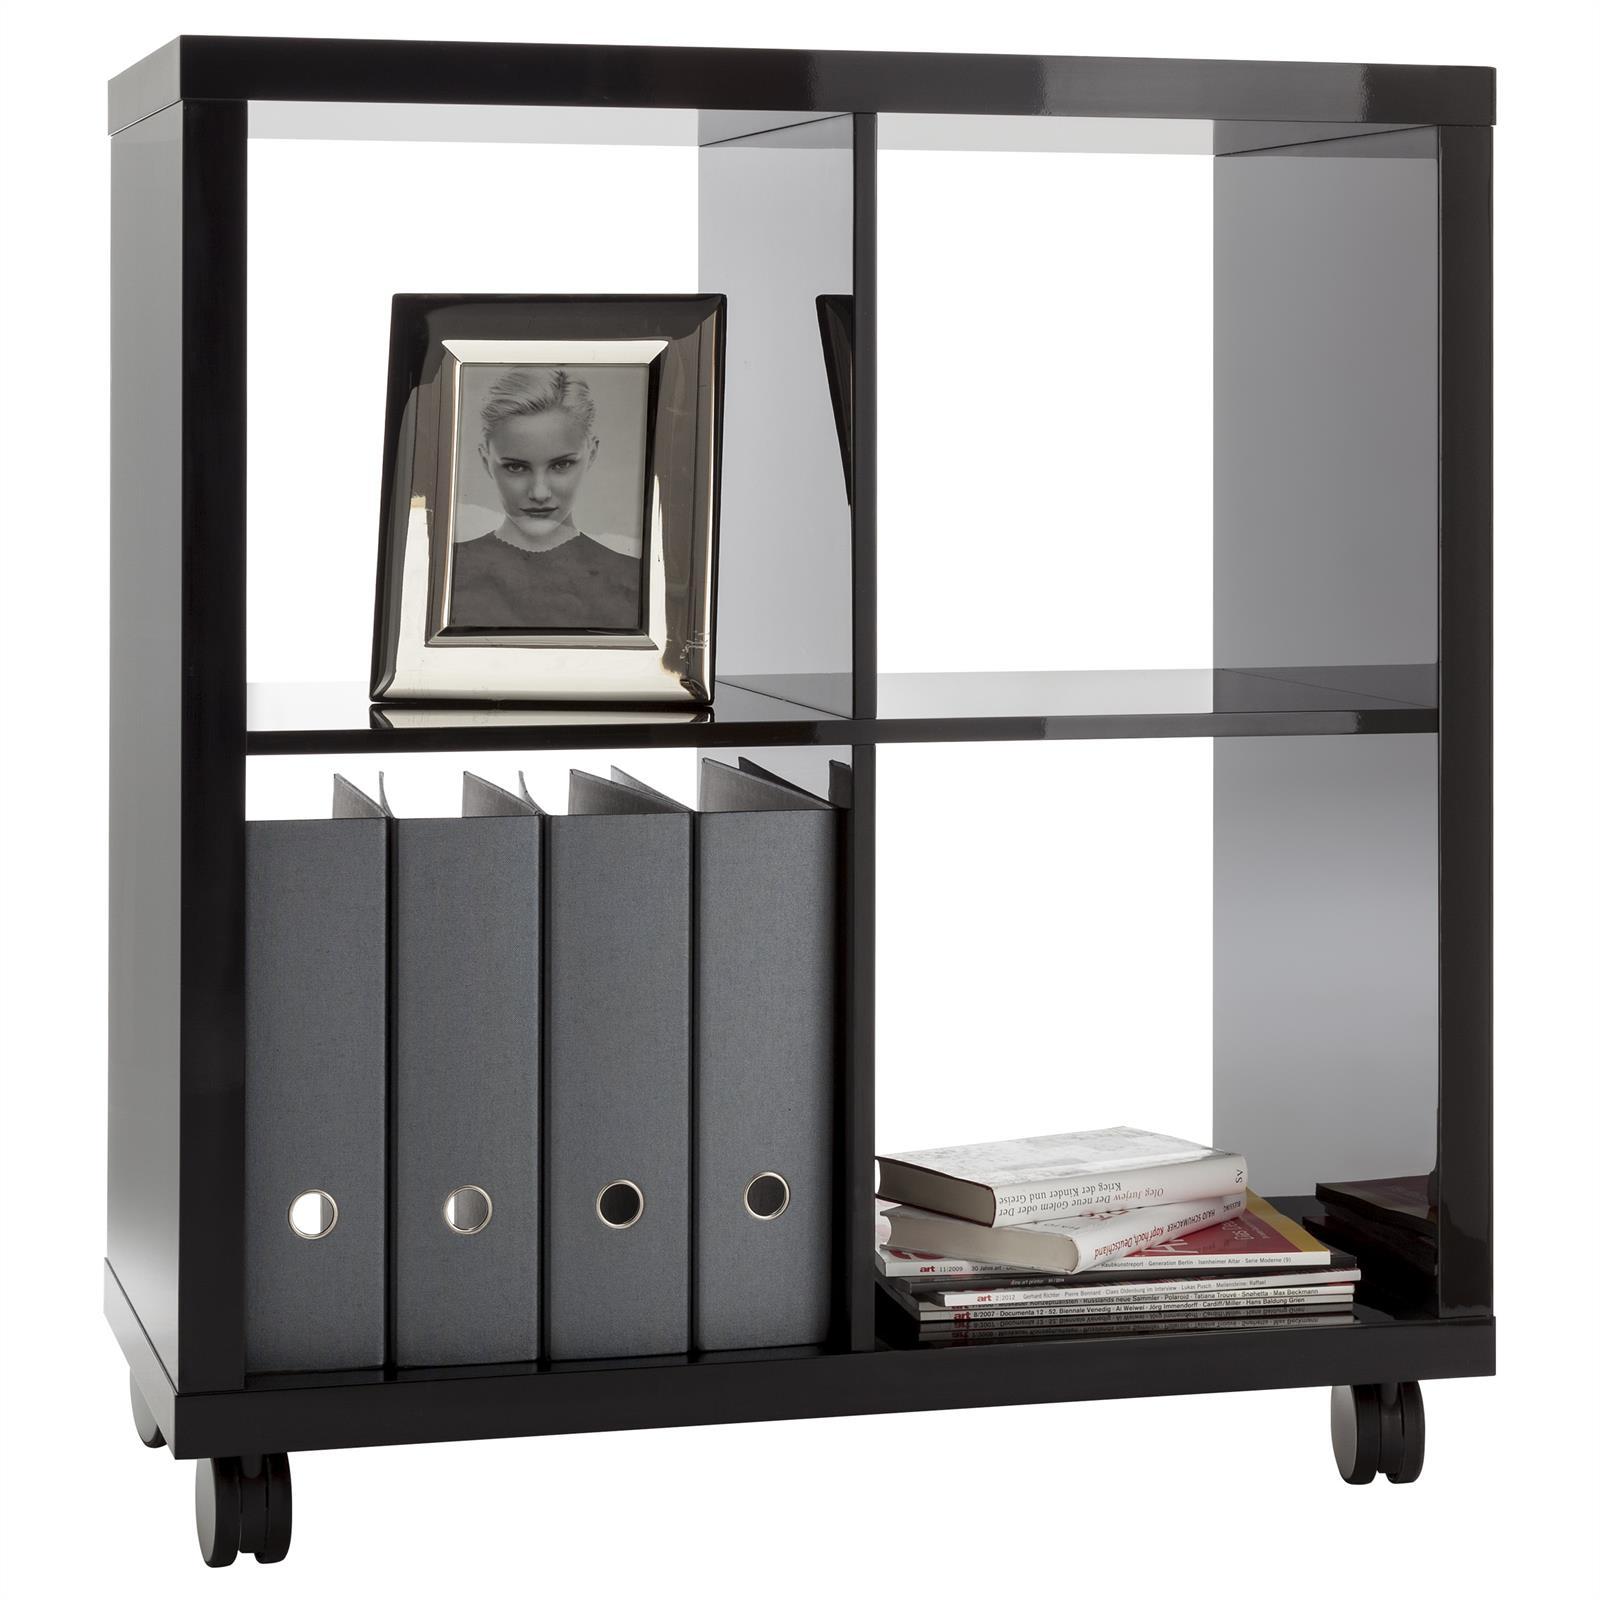 Etag re biblioth que sur roulette 4 casiers panneaux de bois laqu 2 coloris - Etagere a roulettes pour bibliotheque ...